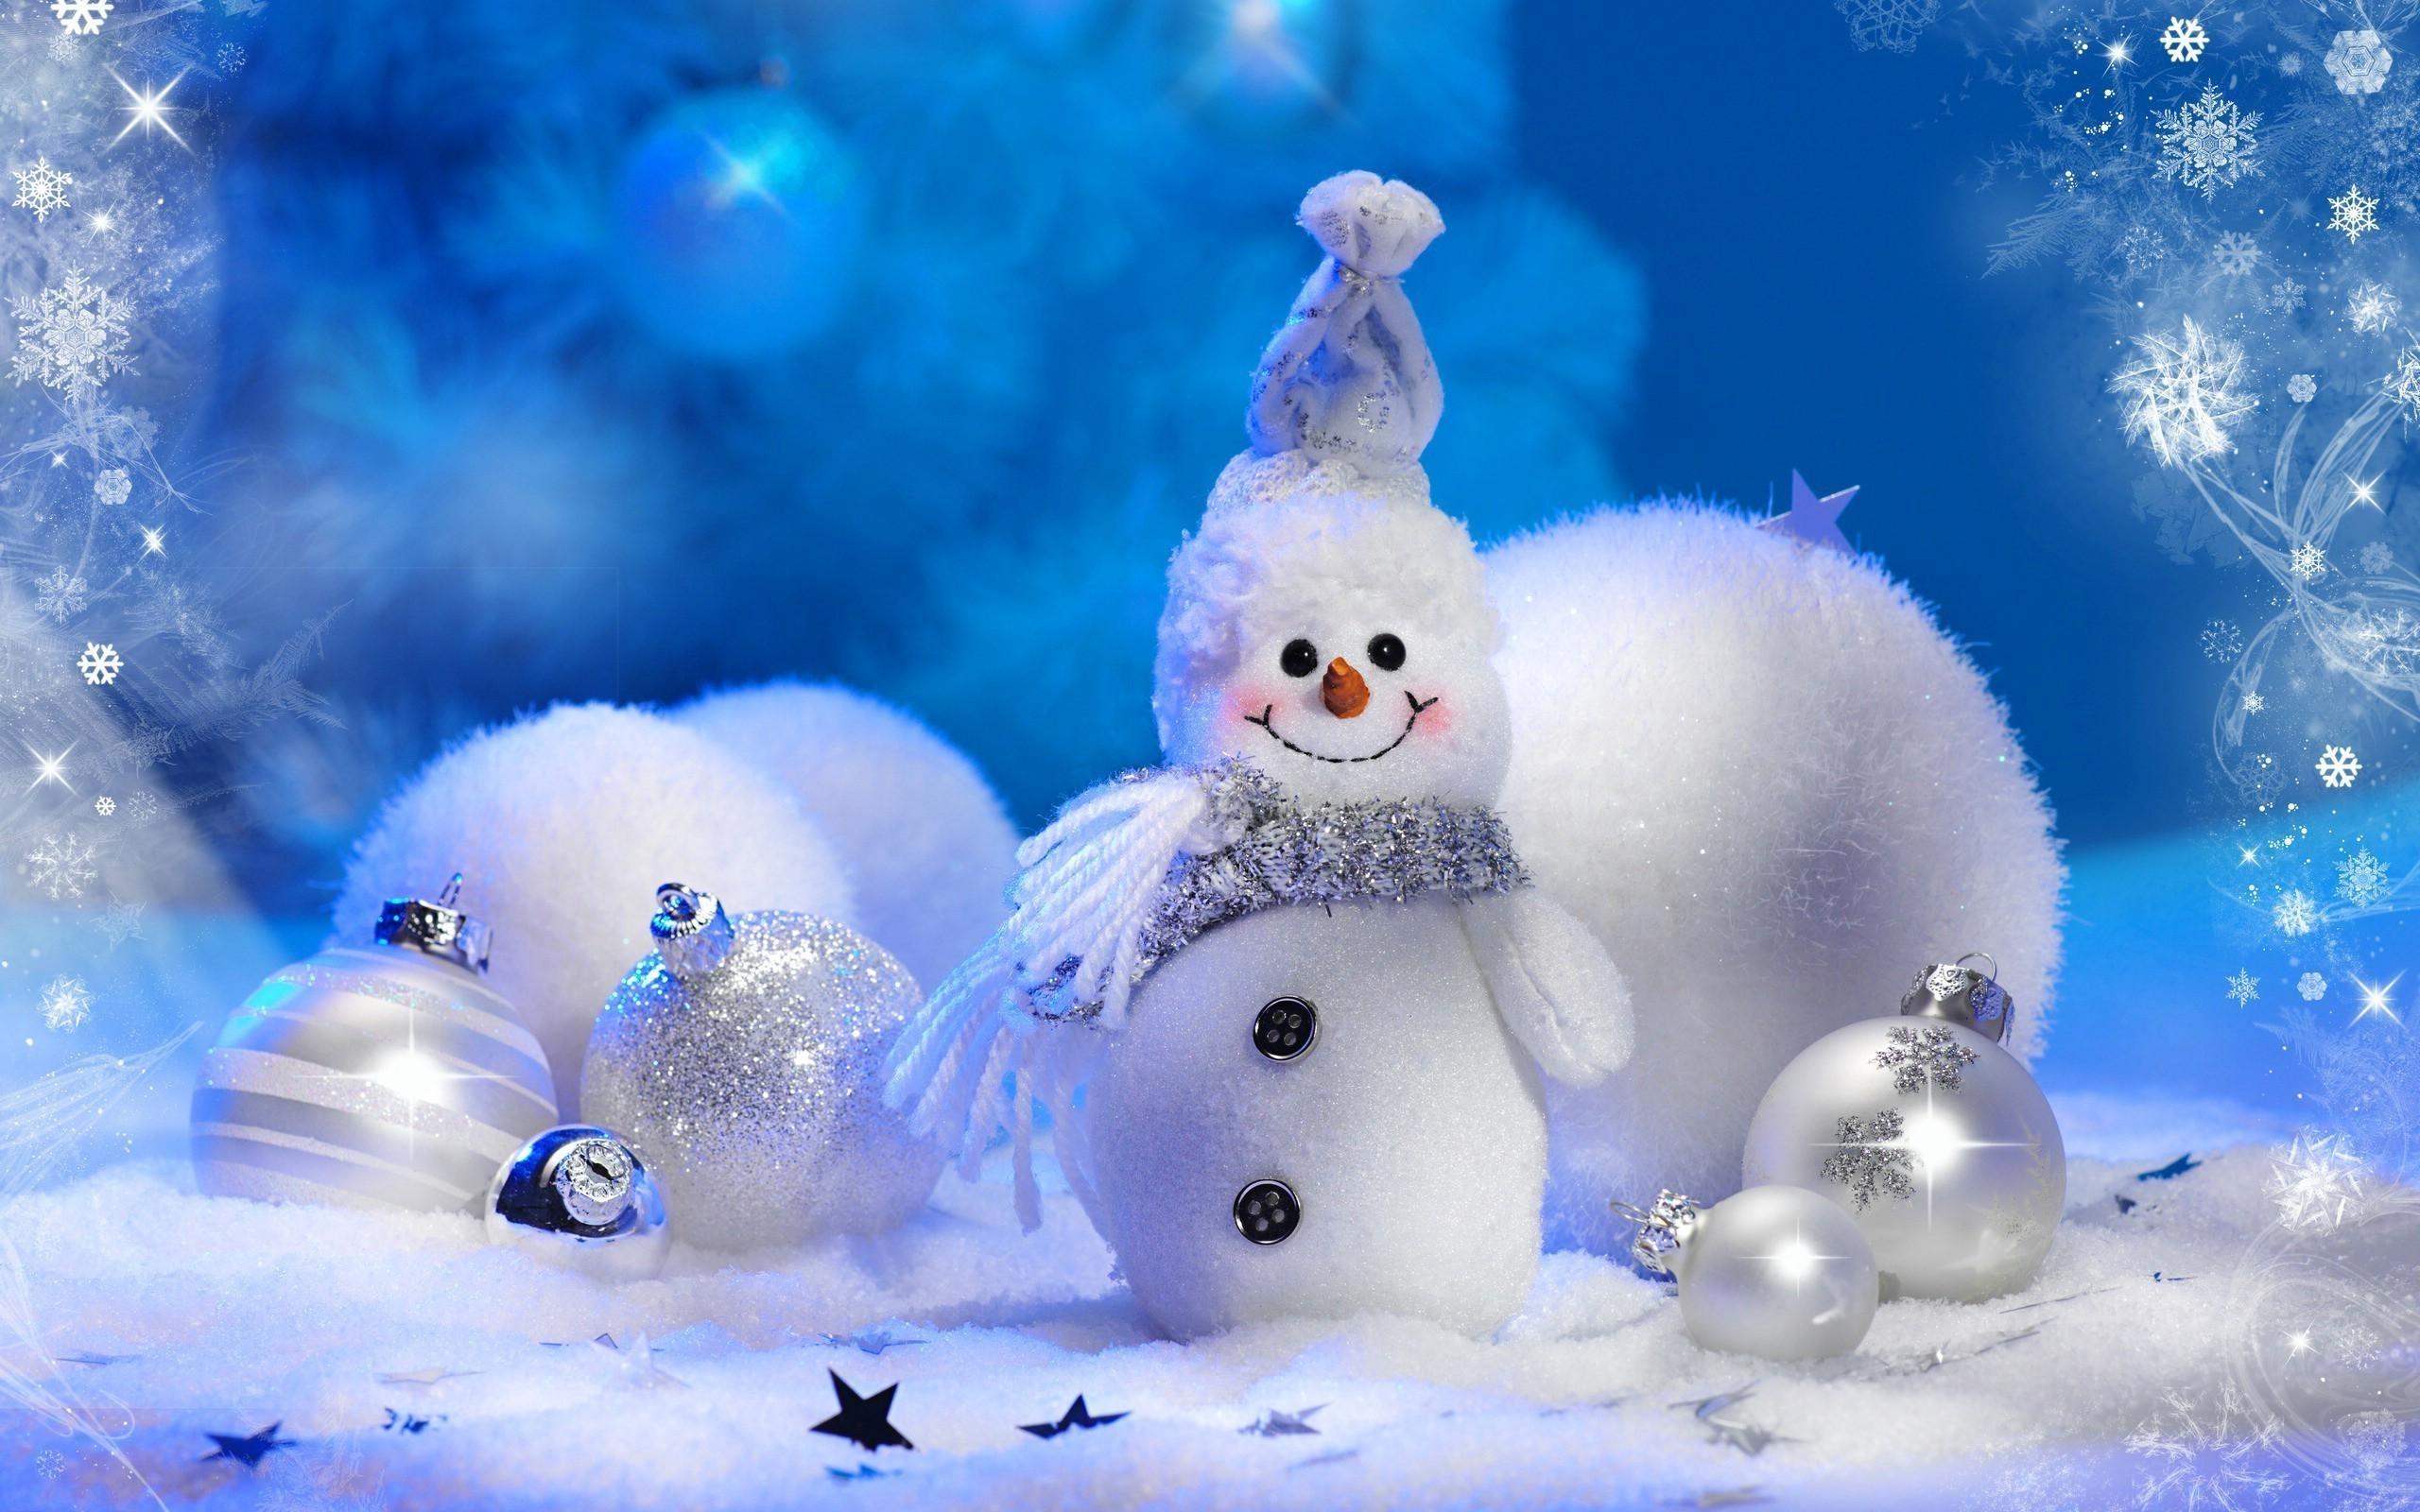 30258 Заставки и Обои Новый Год (New Year) на телефон. Скачать Новый Год (New Year), Праздники, Снеговики картинки бесплатно